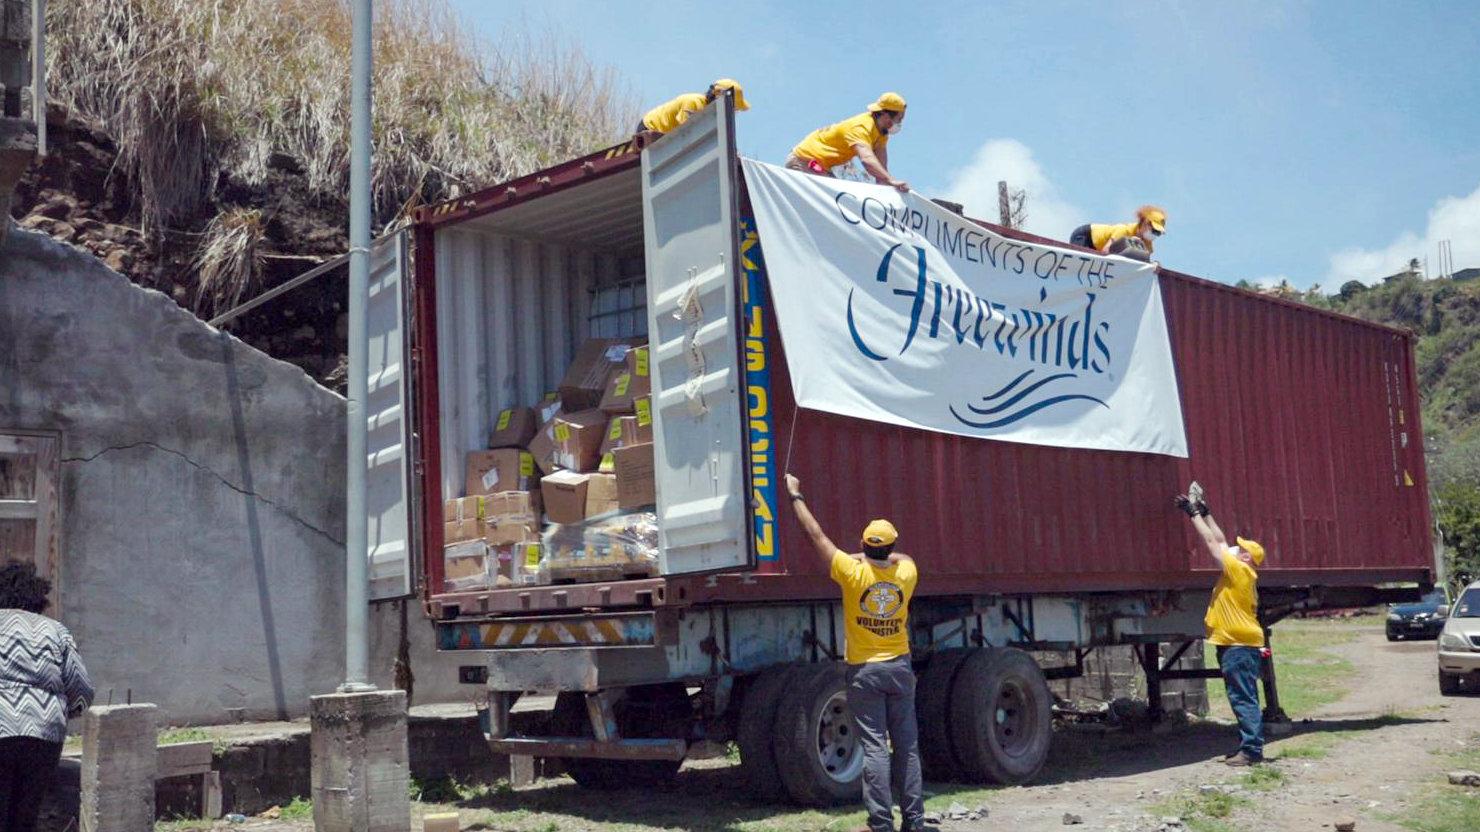 Et team av VM-er losser en container med livsviktige forsyninger som Freewinds sendte til øya med støtte fraIAS.